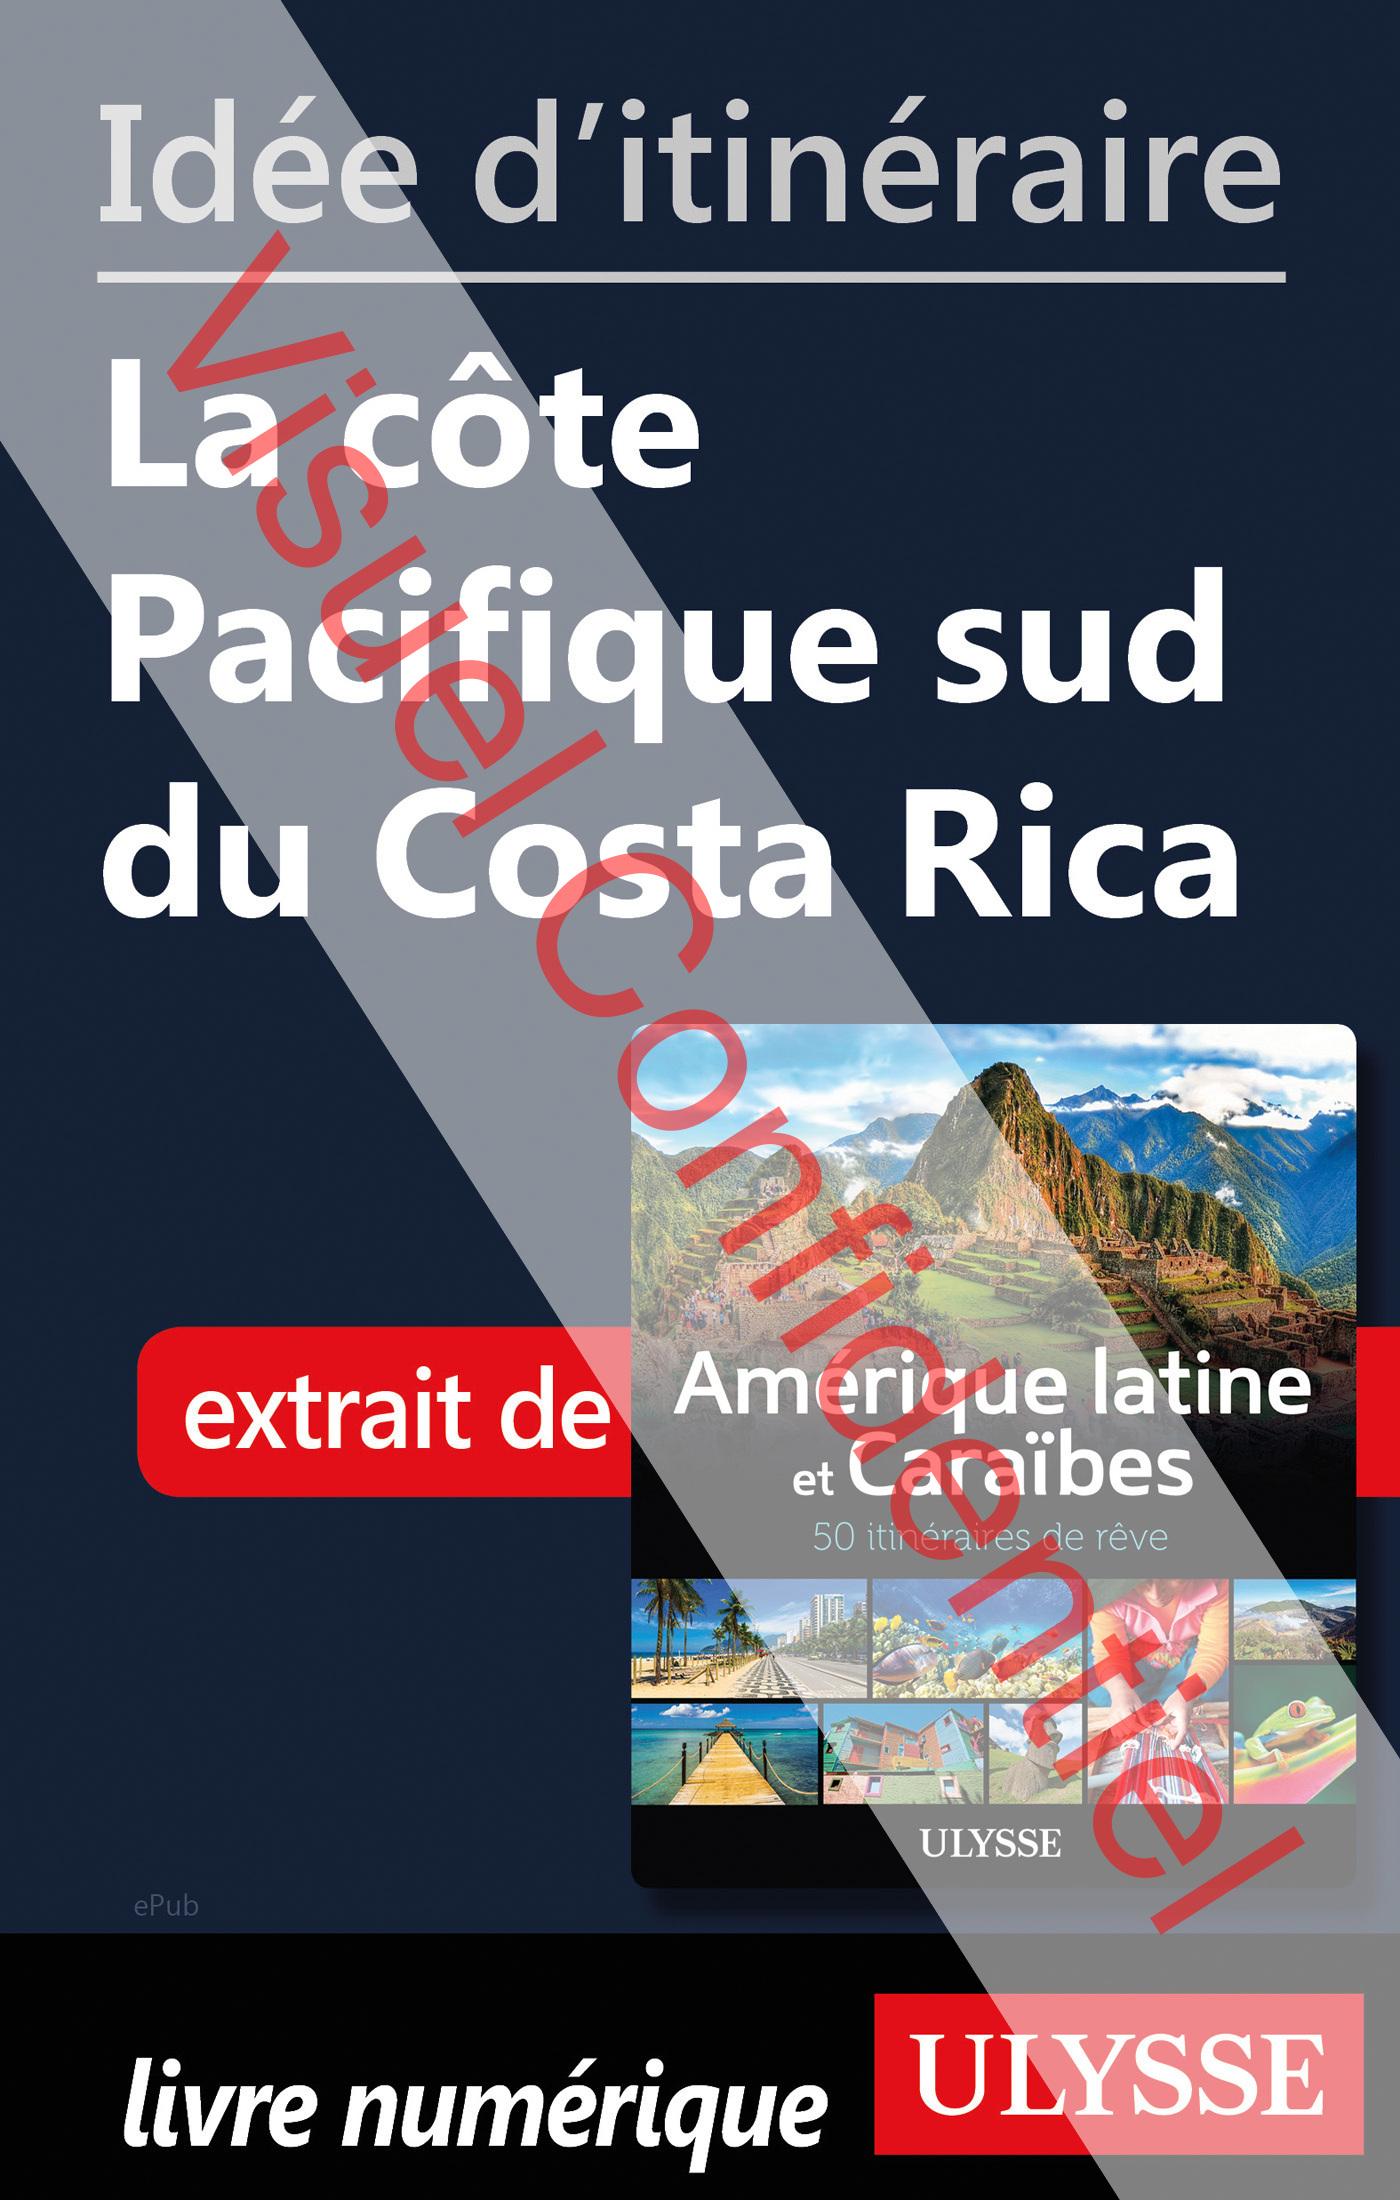 Idée d'itinéraire - La côte Pacifique sud du Costa Rica